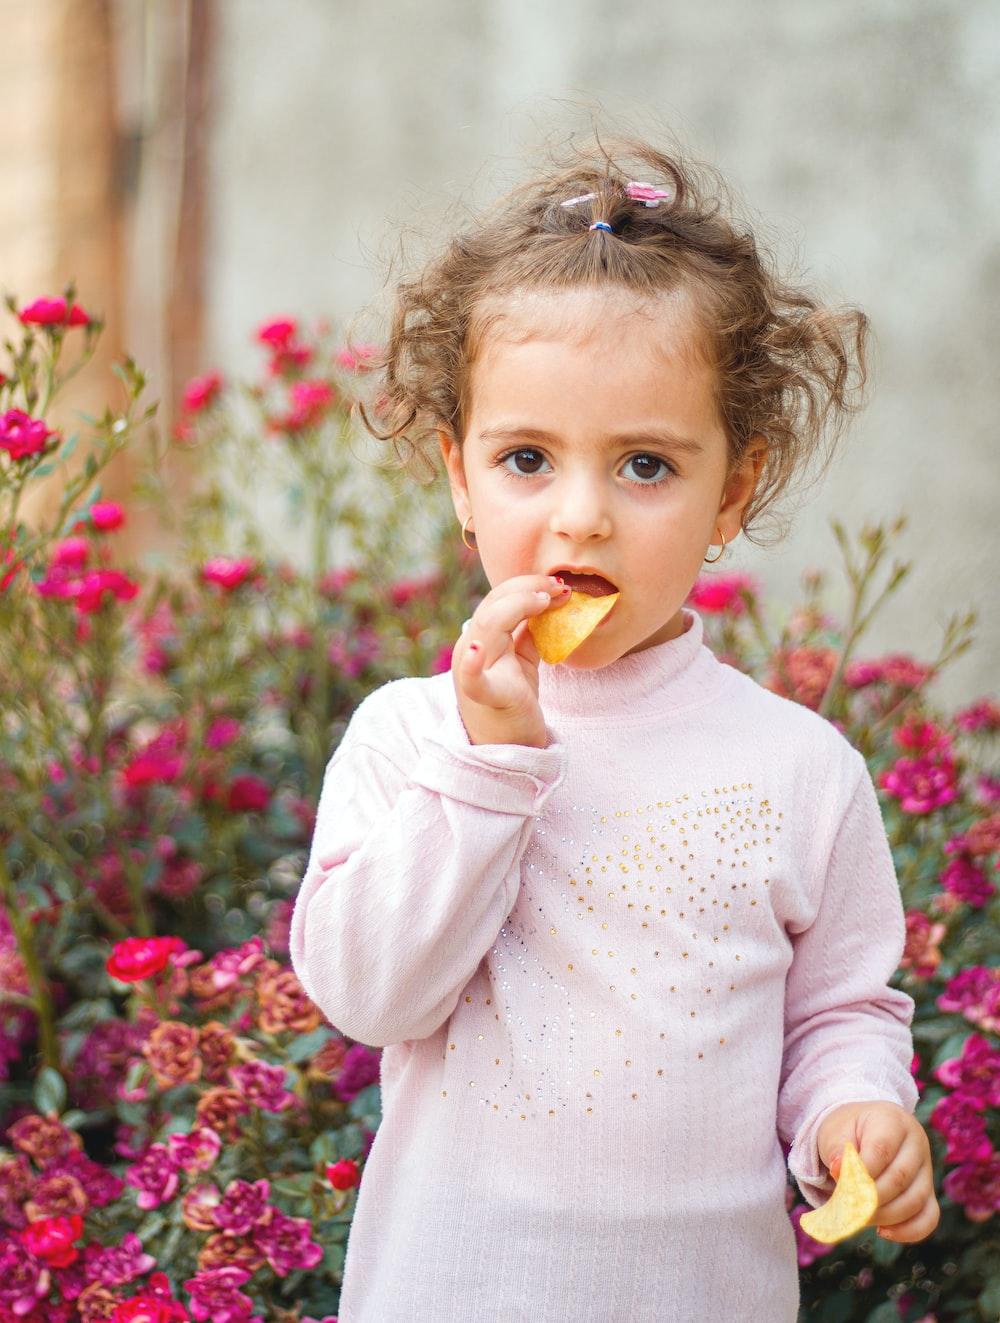 girl in white long sleeve shirt eating orange fruit